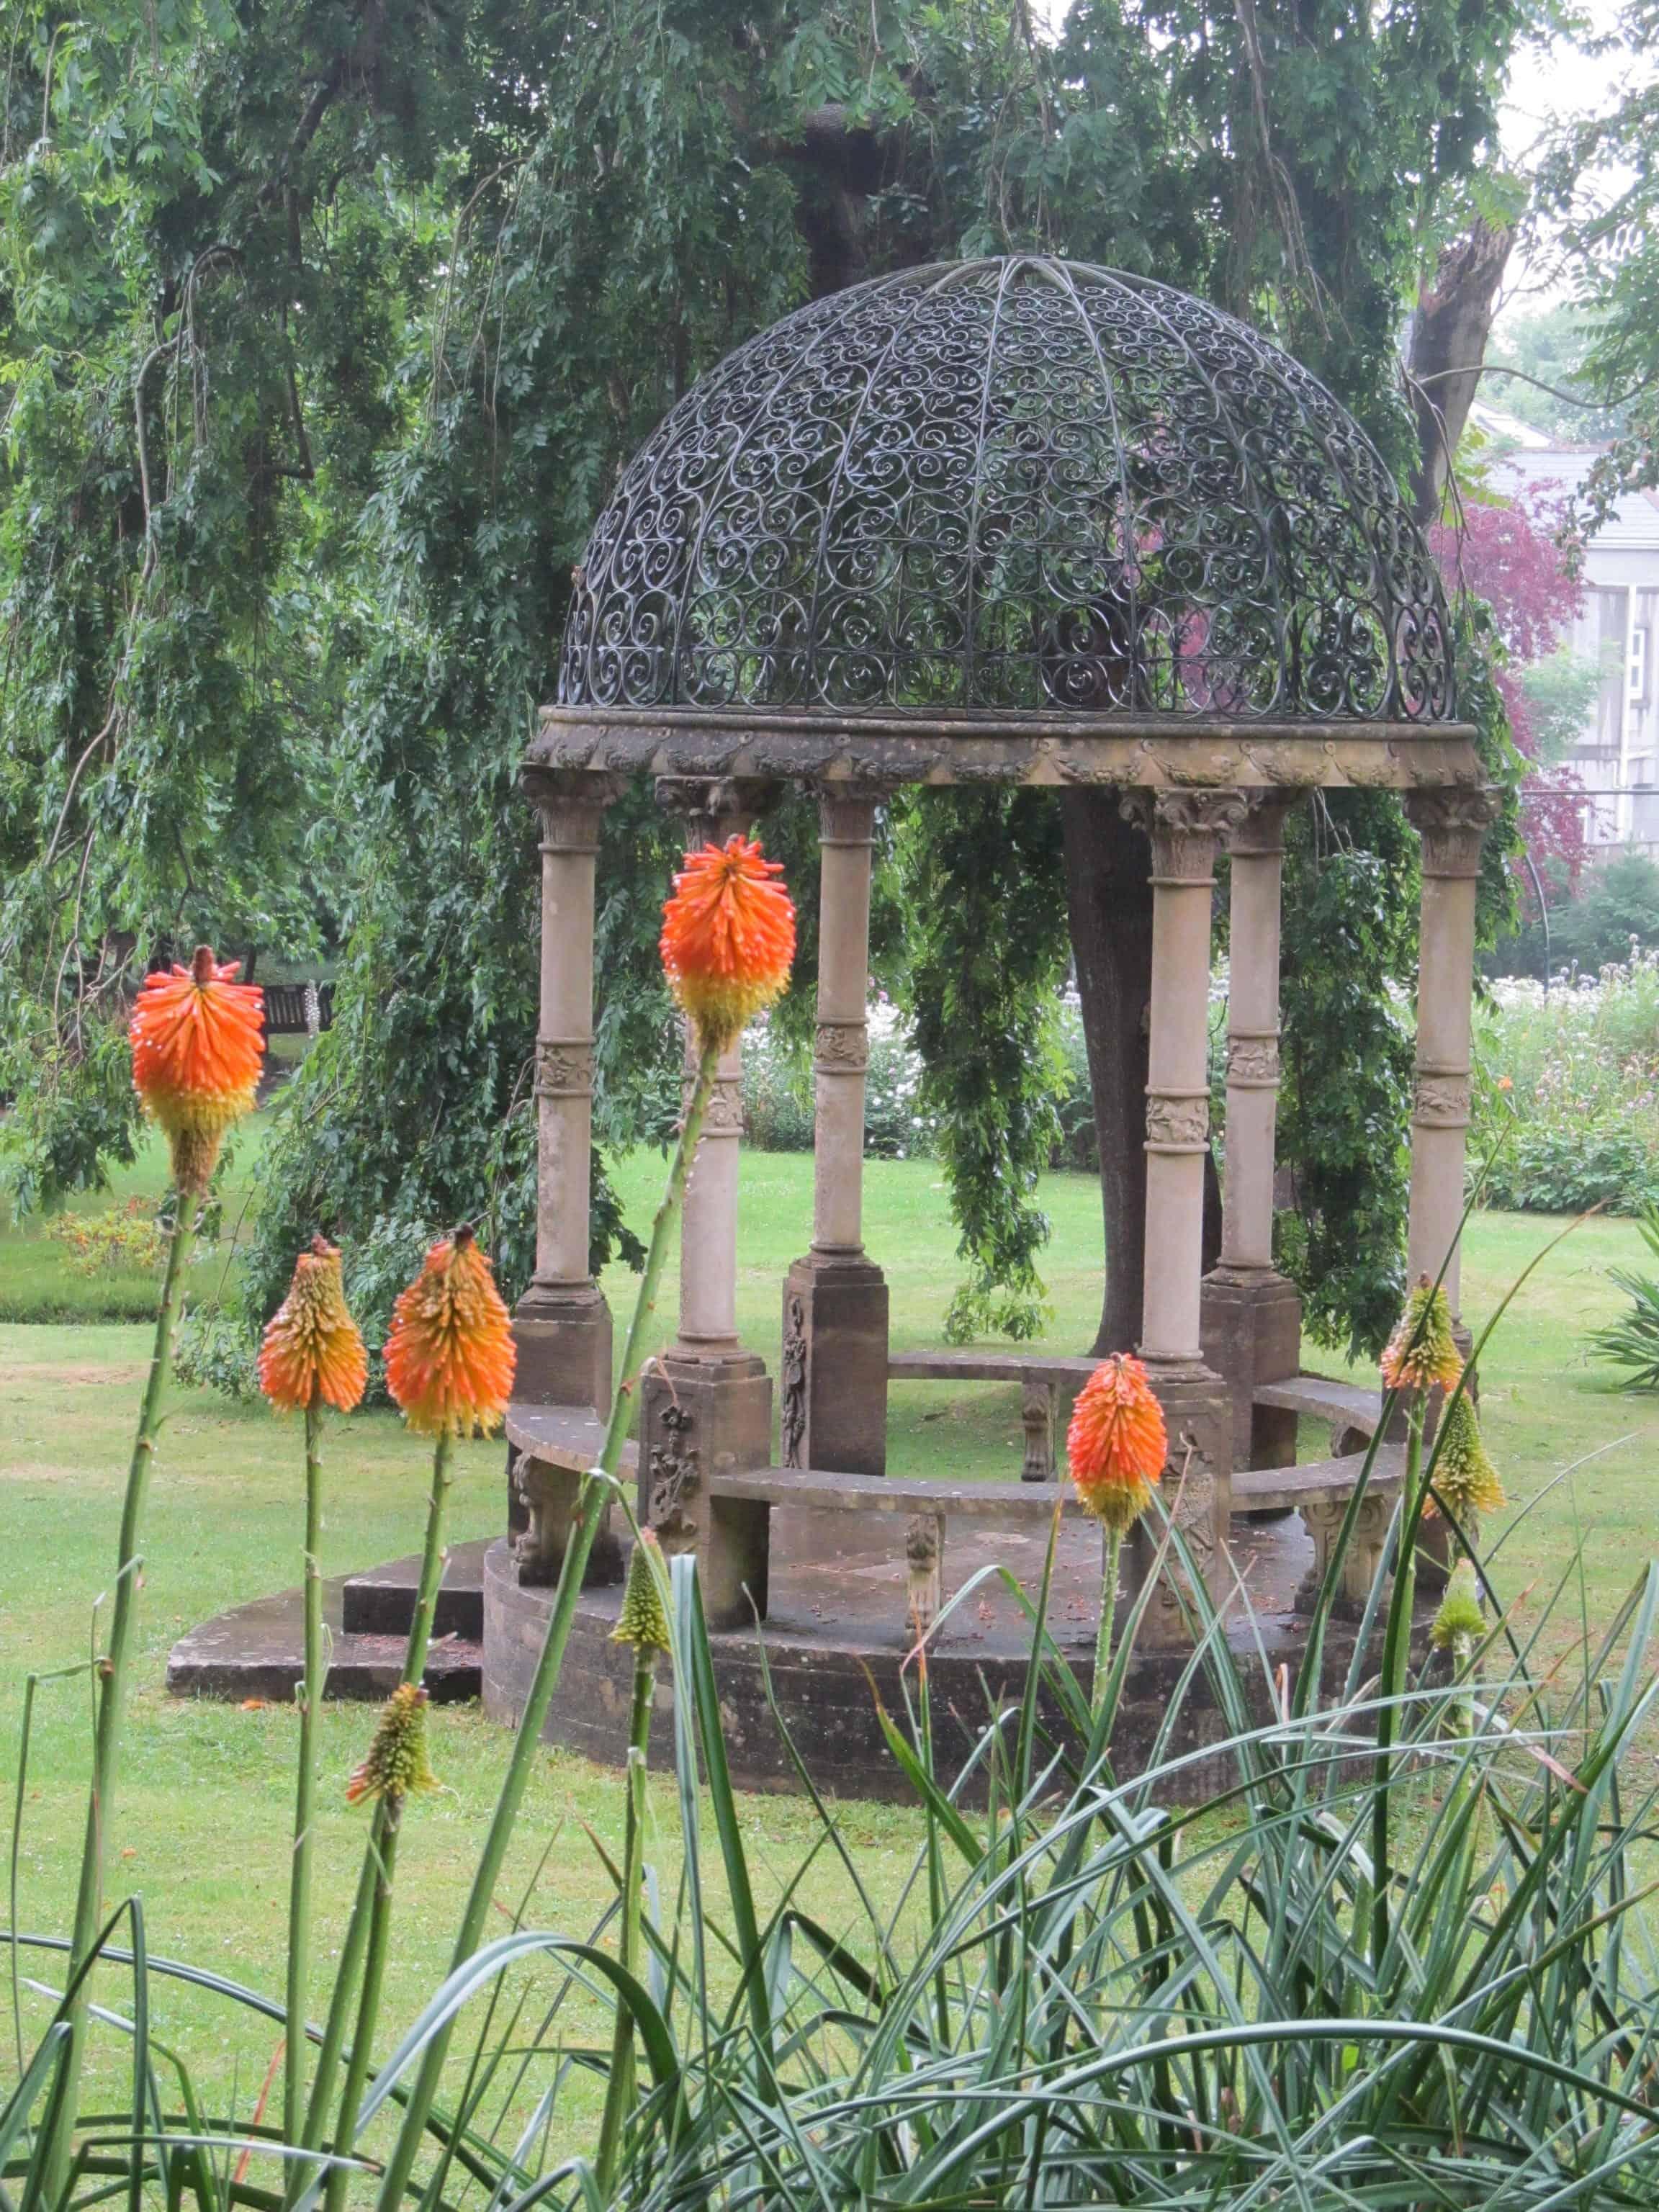 Torquay's secret garden wins award